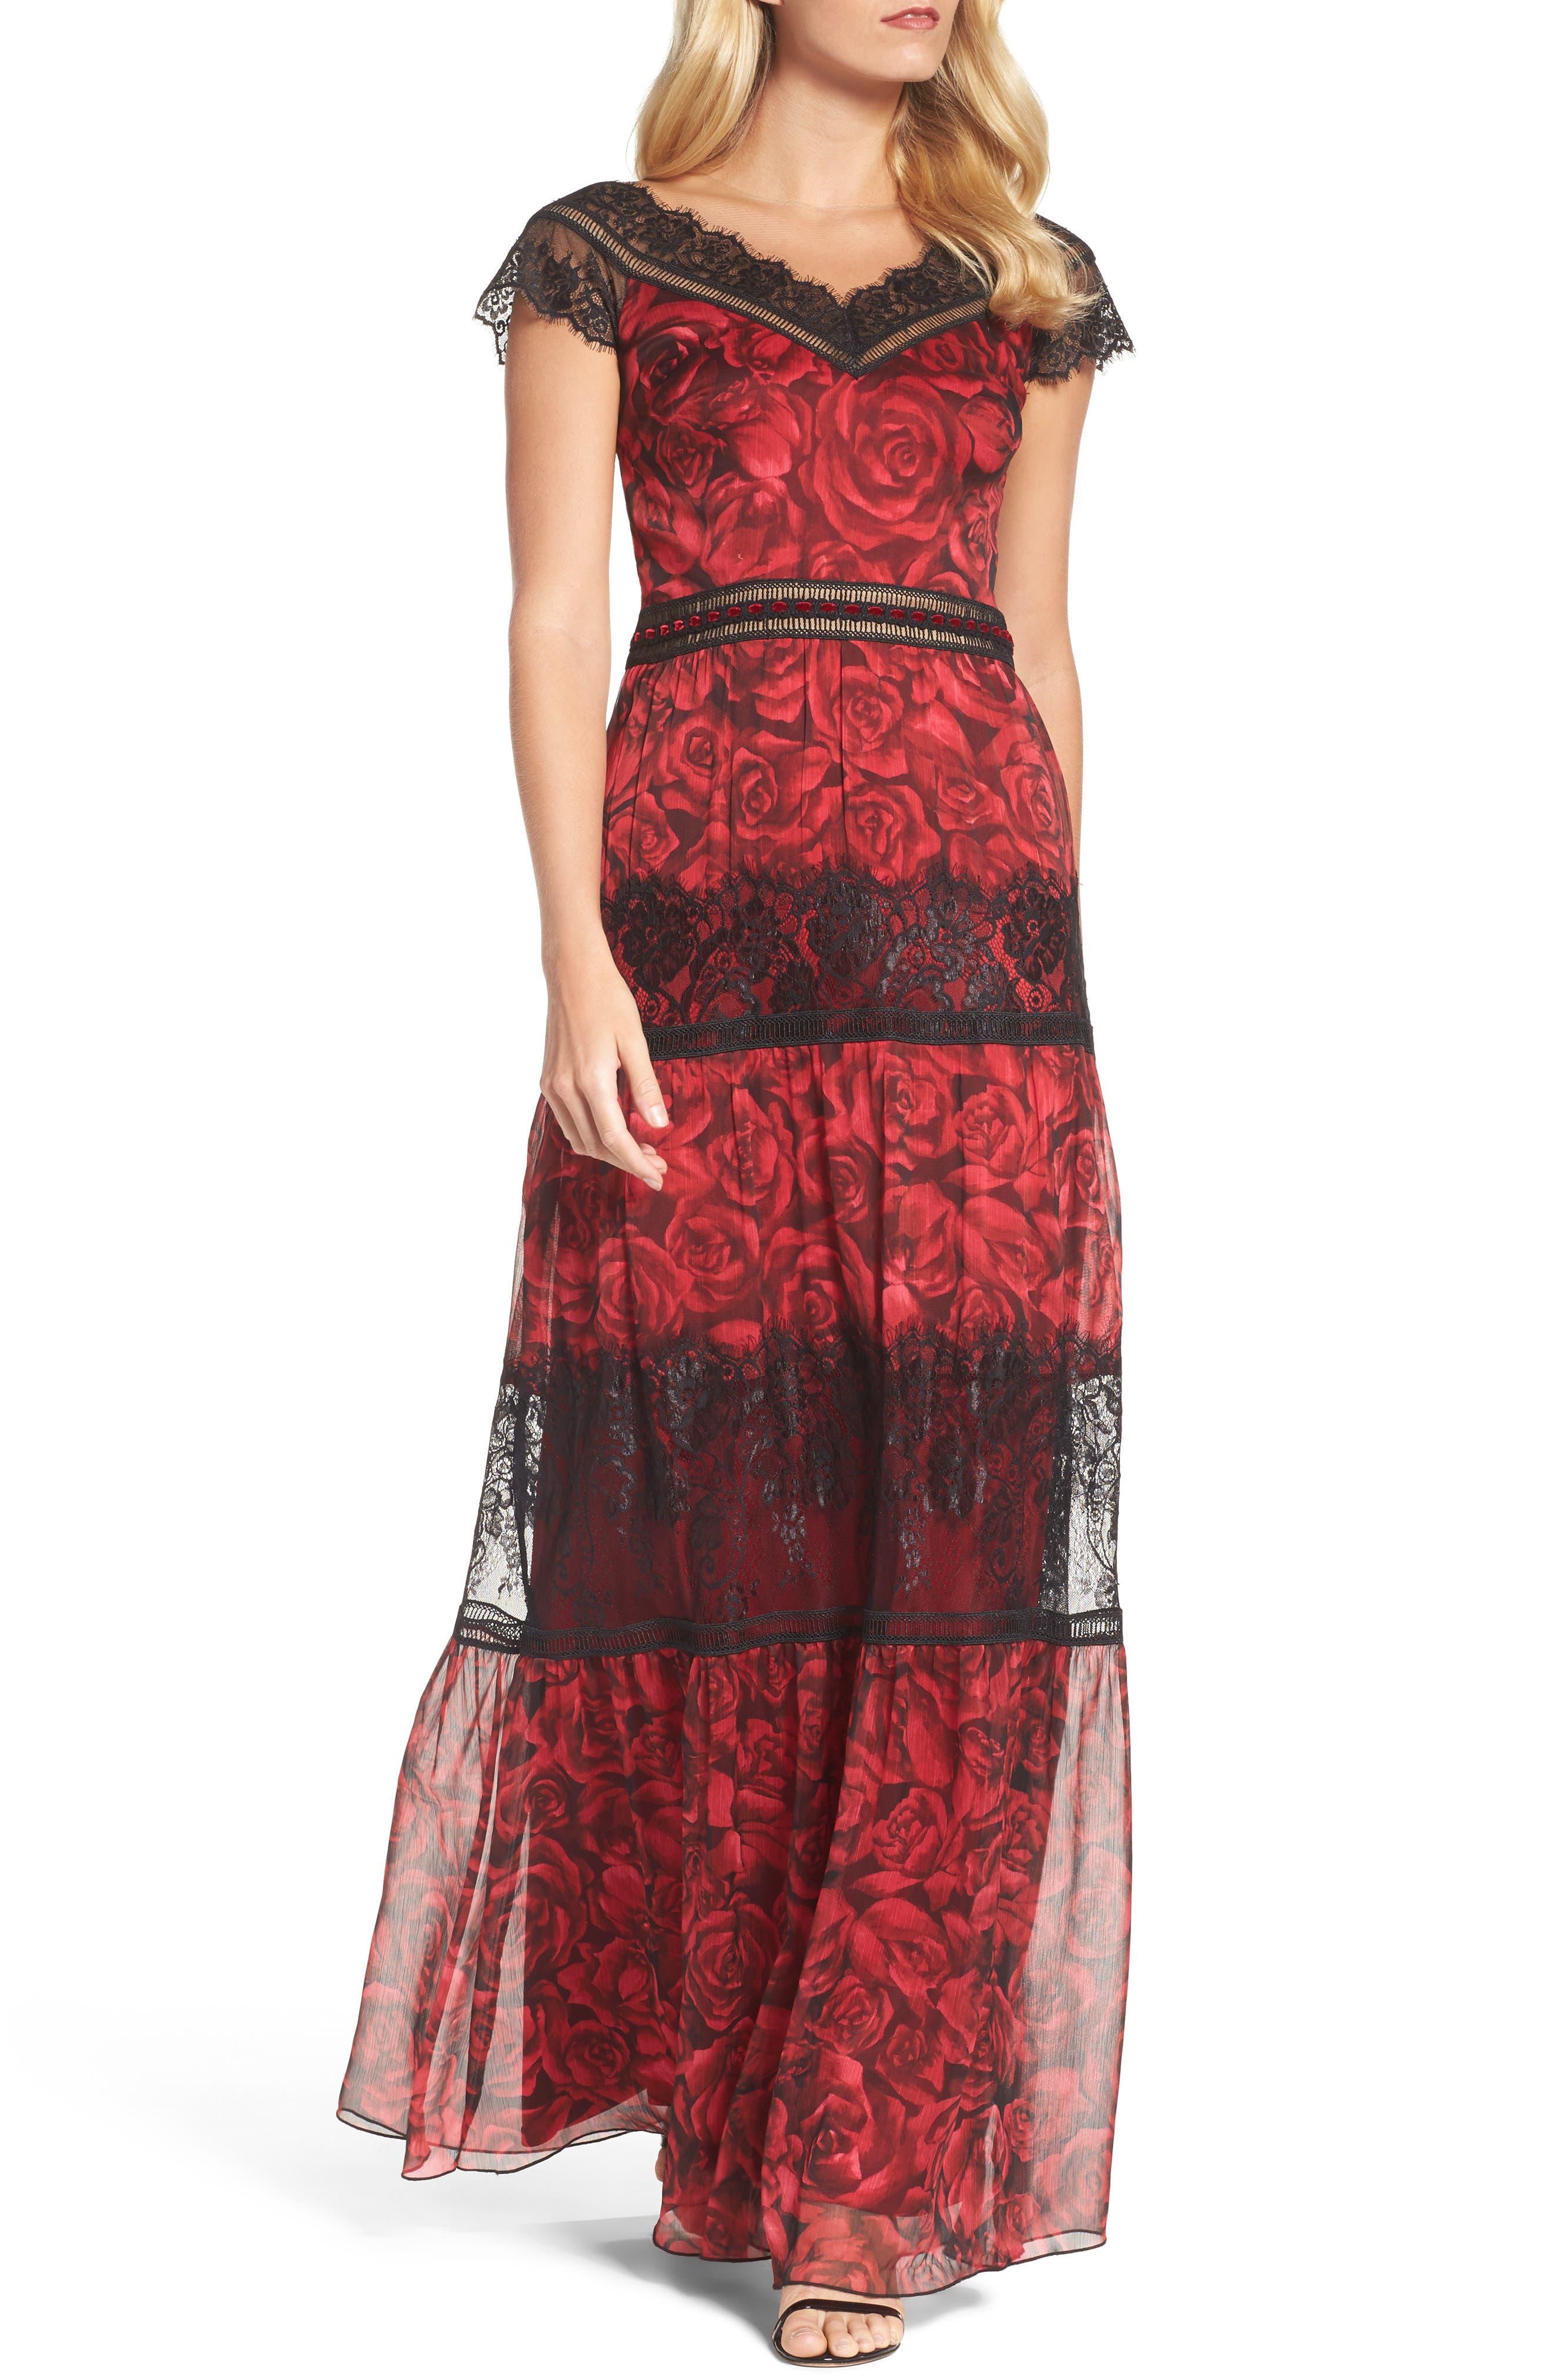 Tadashi Shoji Rose Print Lace & Chiffon Gown